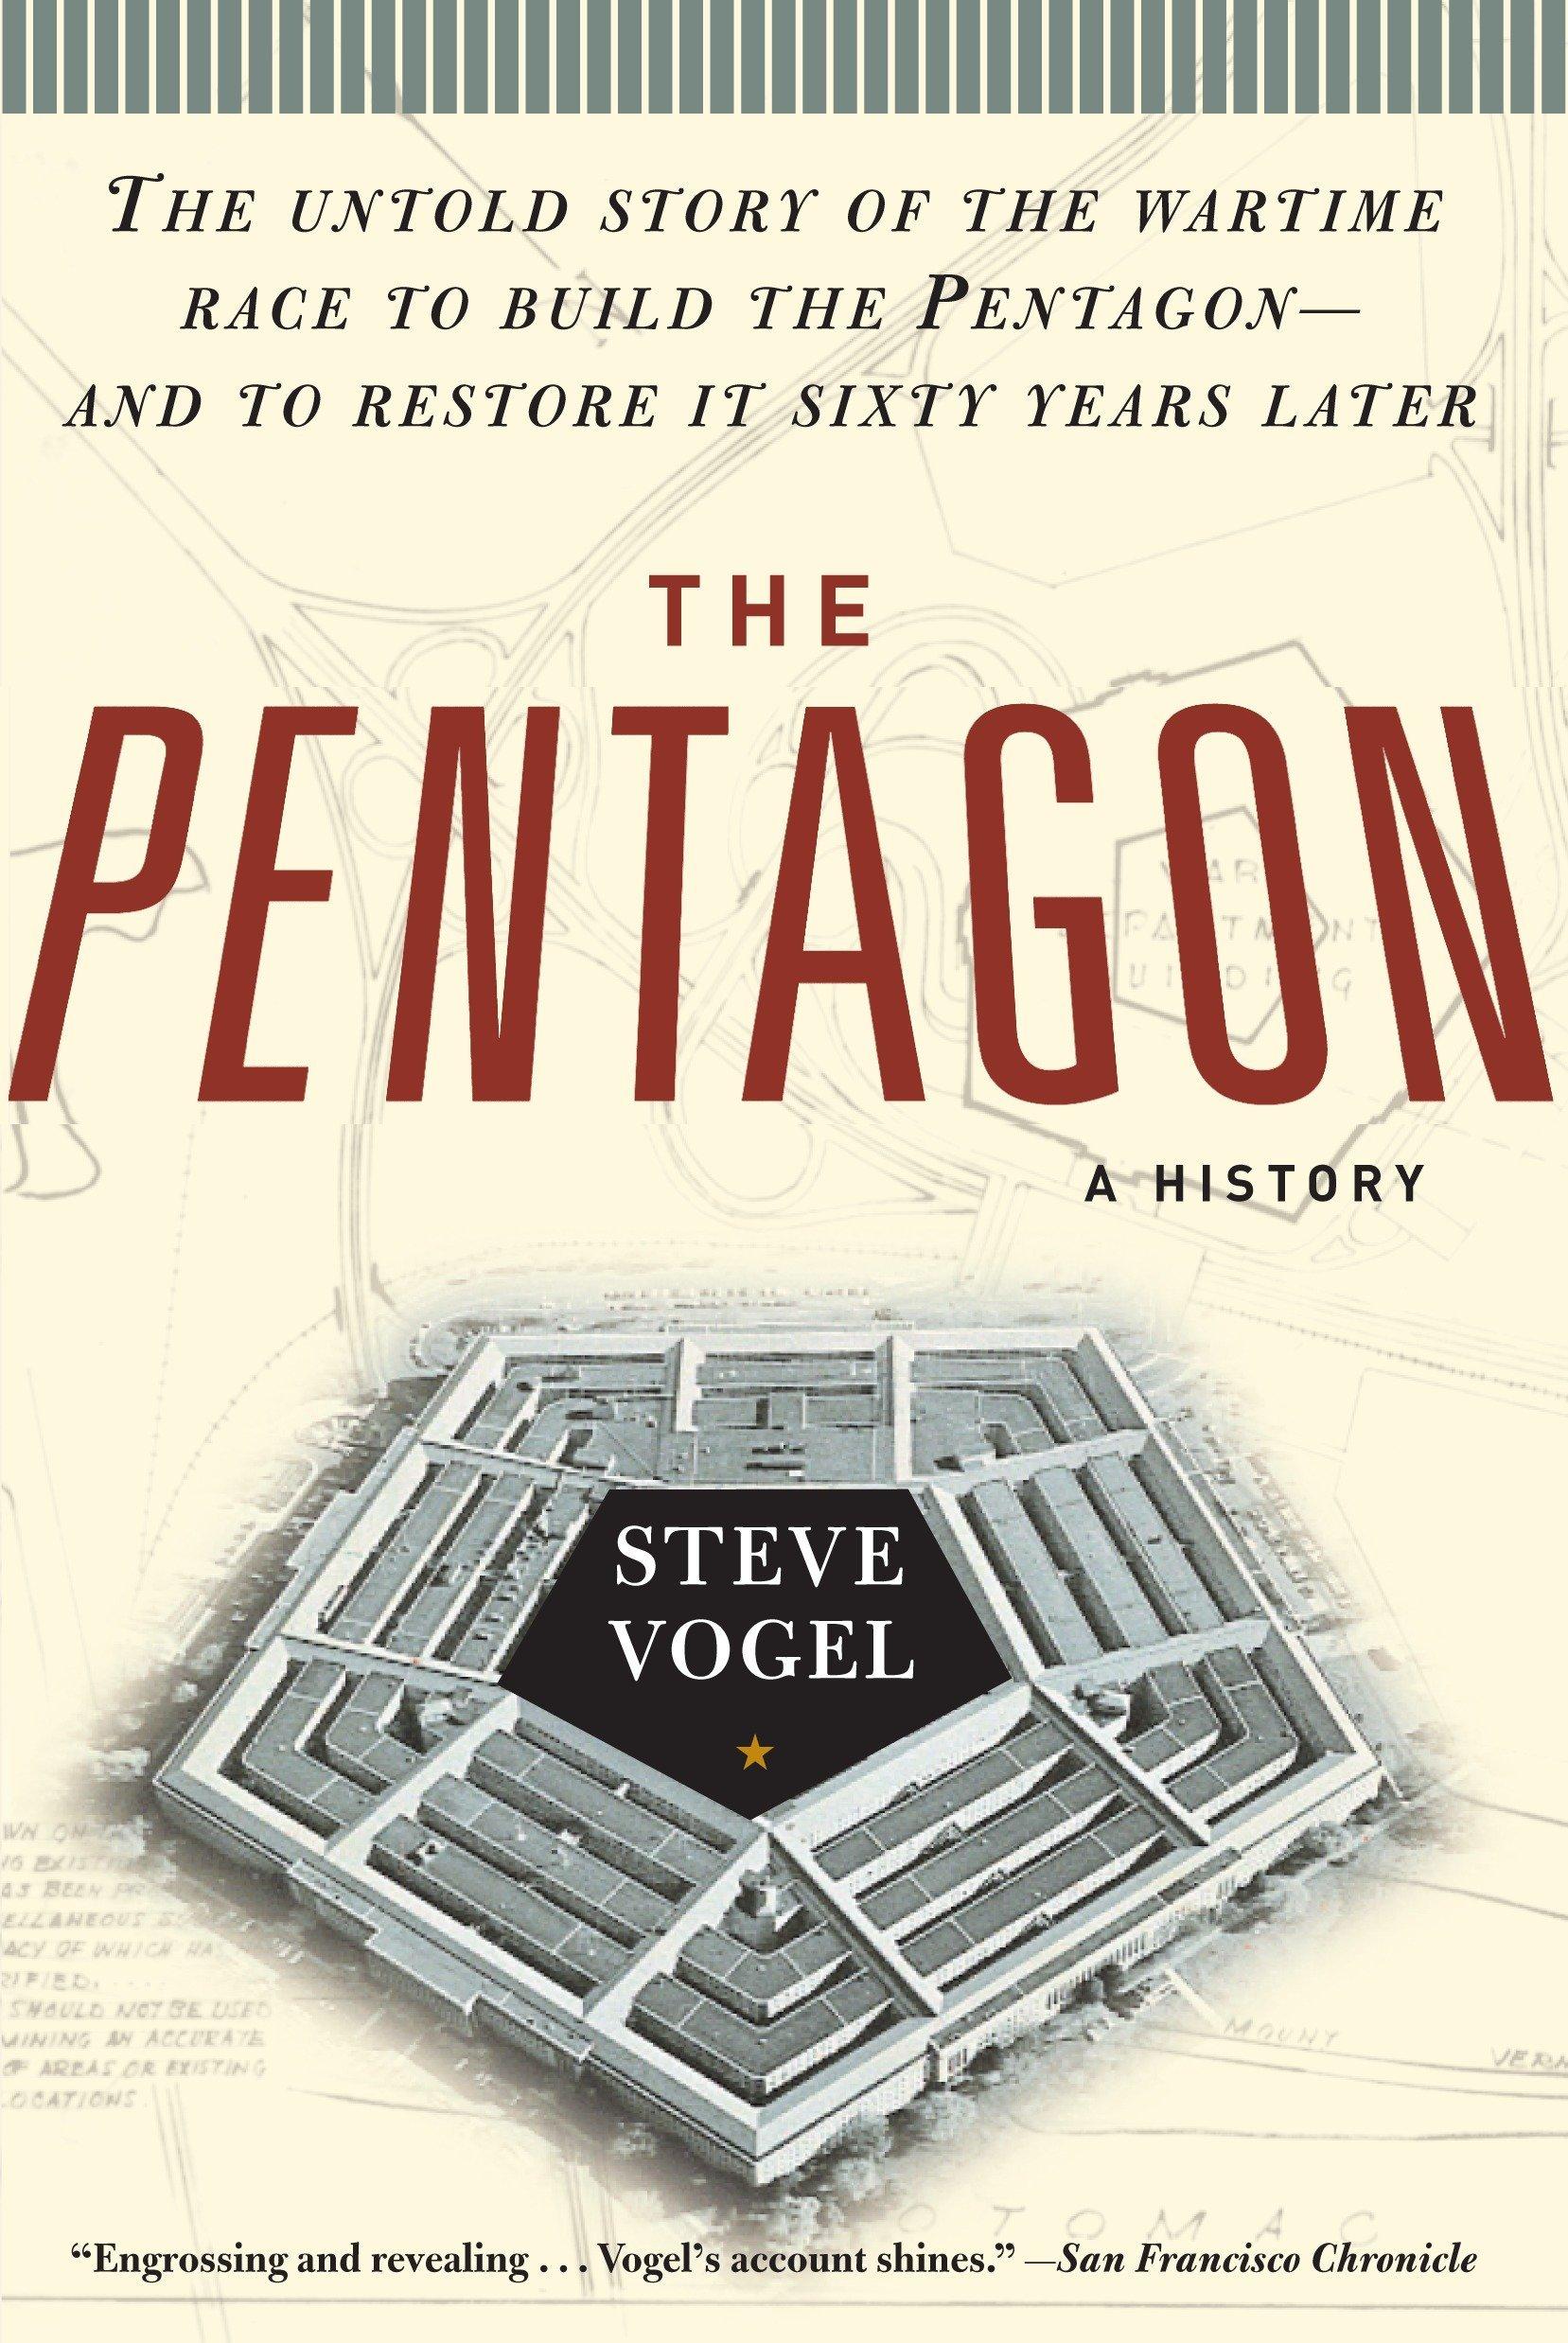 Resultado de imagen para PENTAGONO WASHINGTON VATICAN